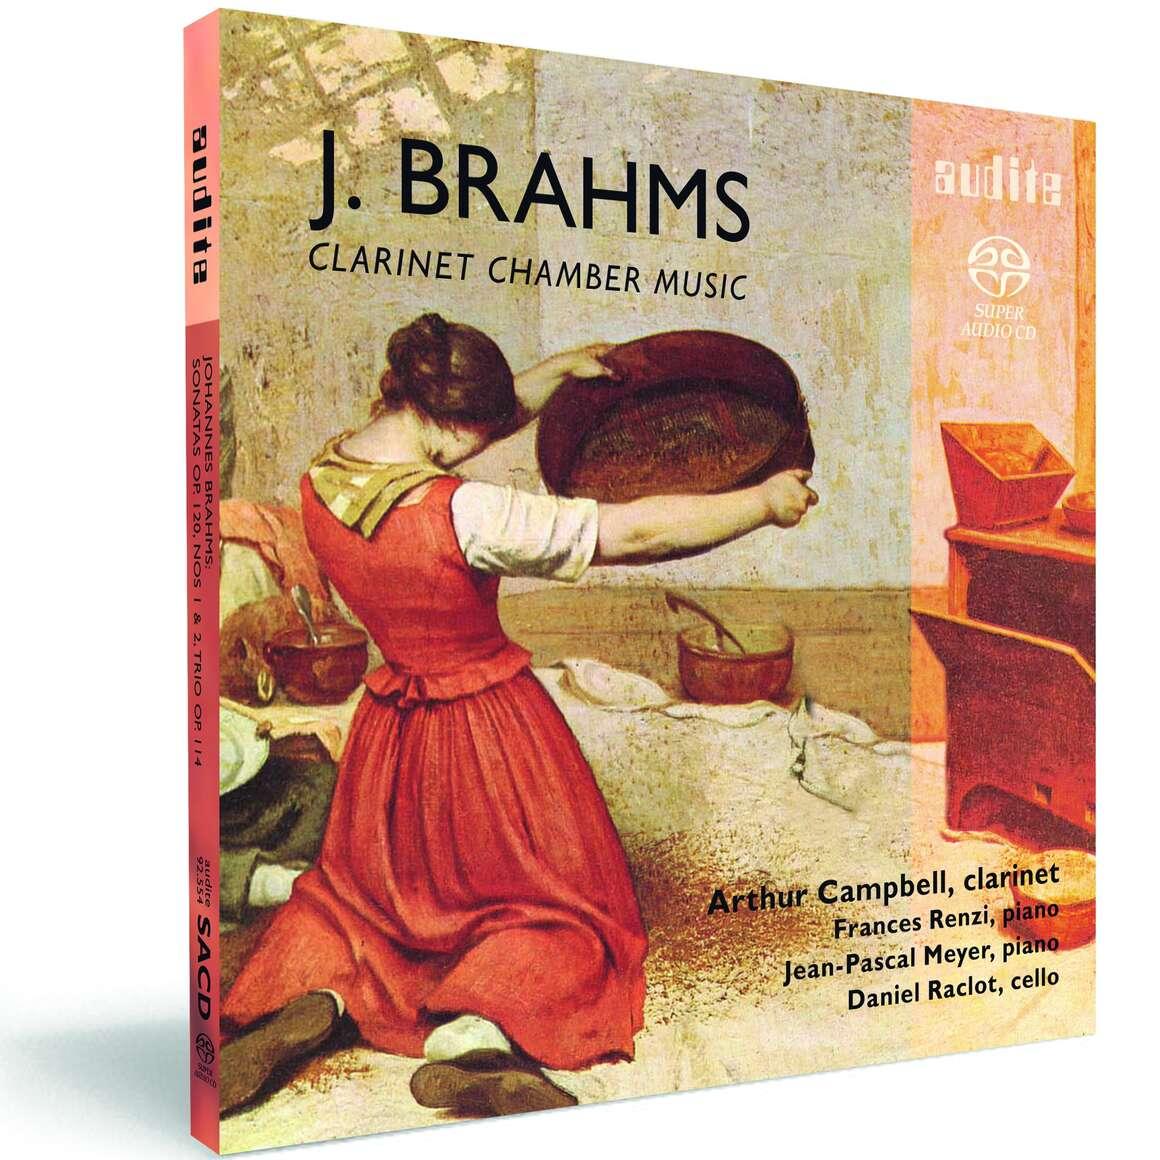 J. Brahms: Clarinet Chamber Music